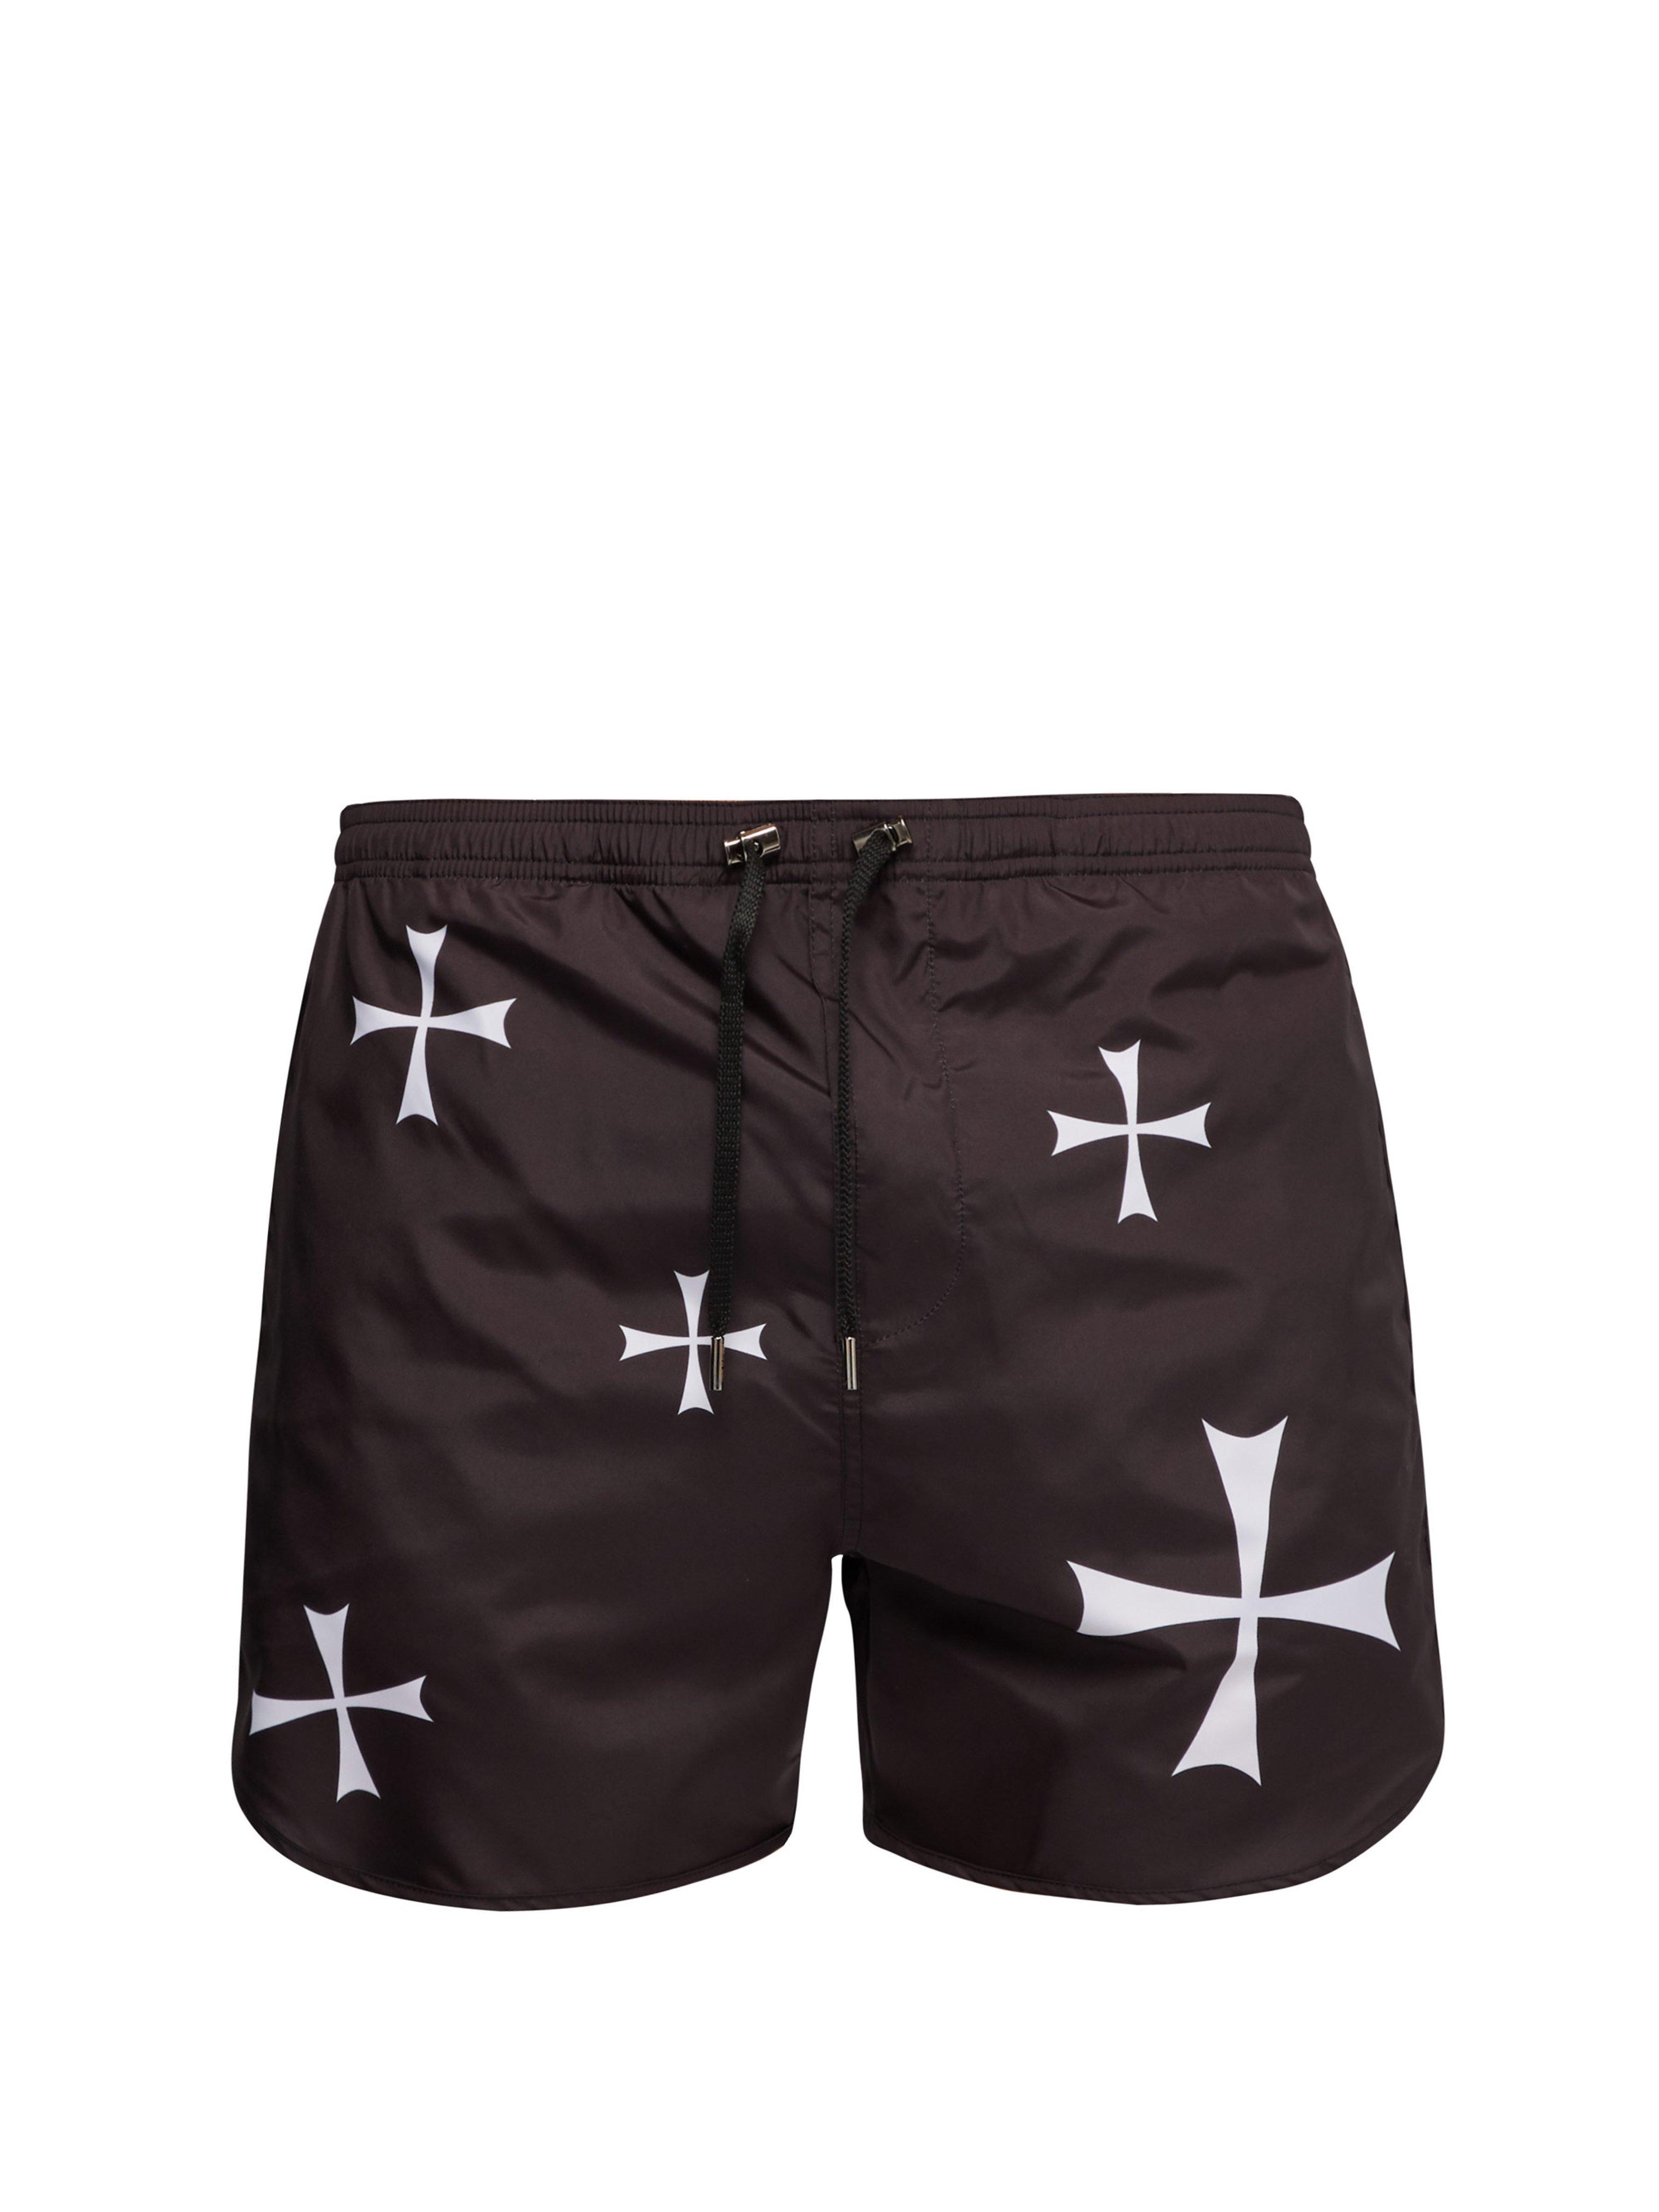 69b9bc94e1e22 Neil Barrett Cross Print Swim Shorts in Black for Men - Lyst